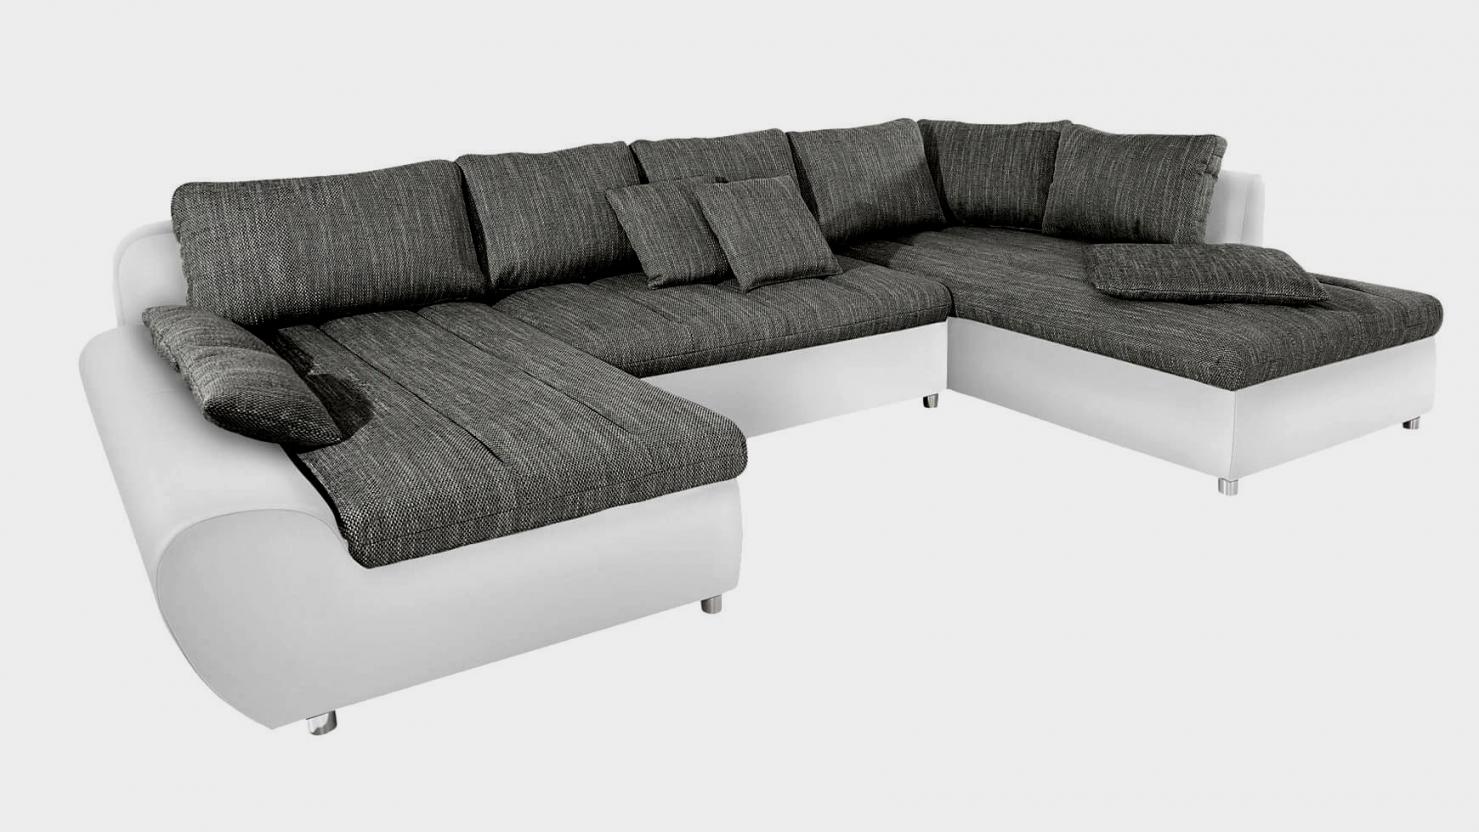 Sofa Auf Rechnung Kaufen Als Neukunde Fabulous Sofa Und Couch With von Couch Auf Rechnung Als Neukunde Photo